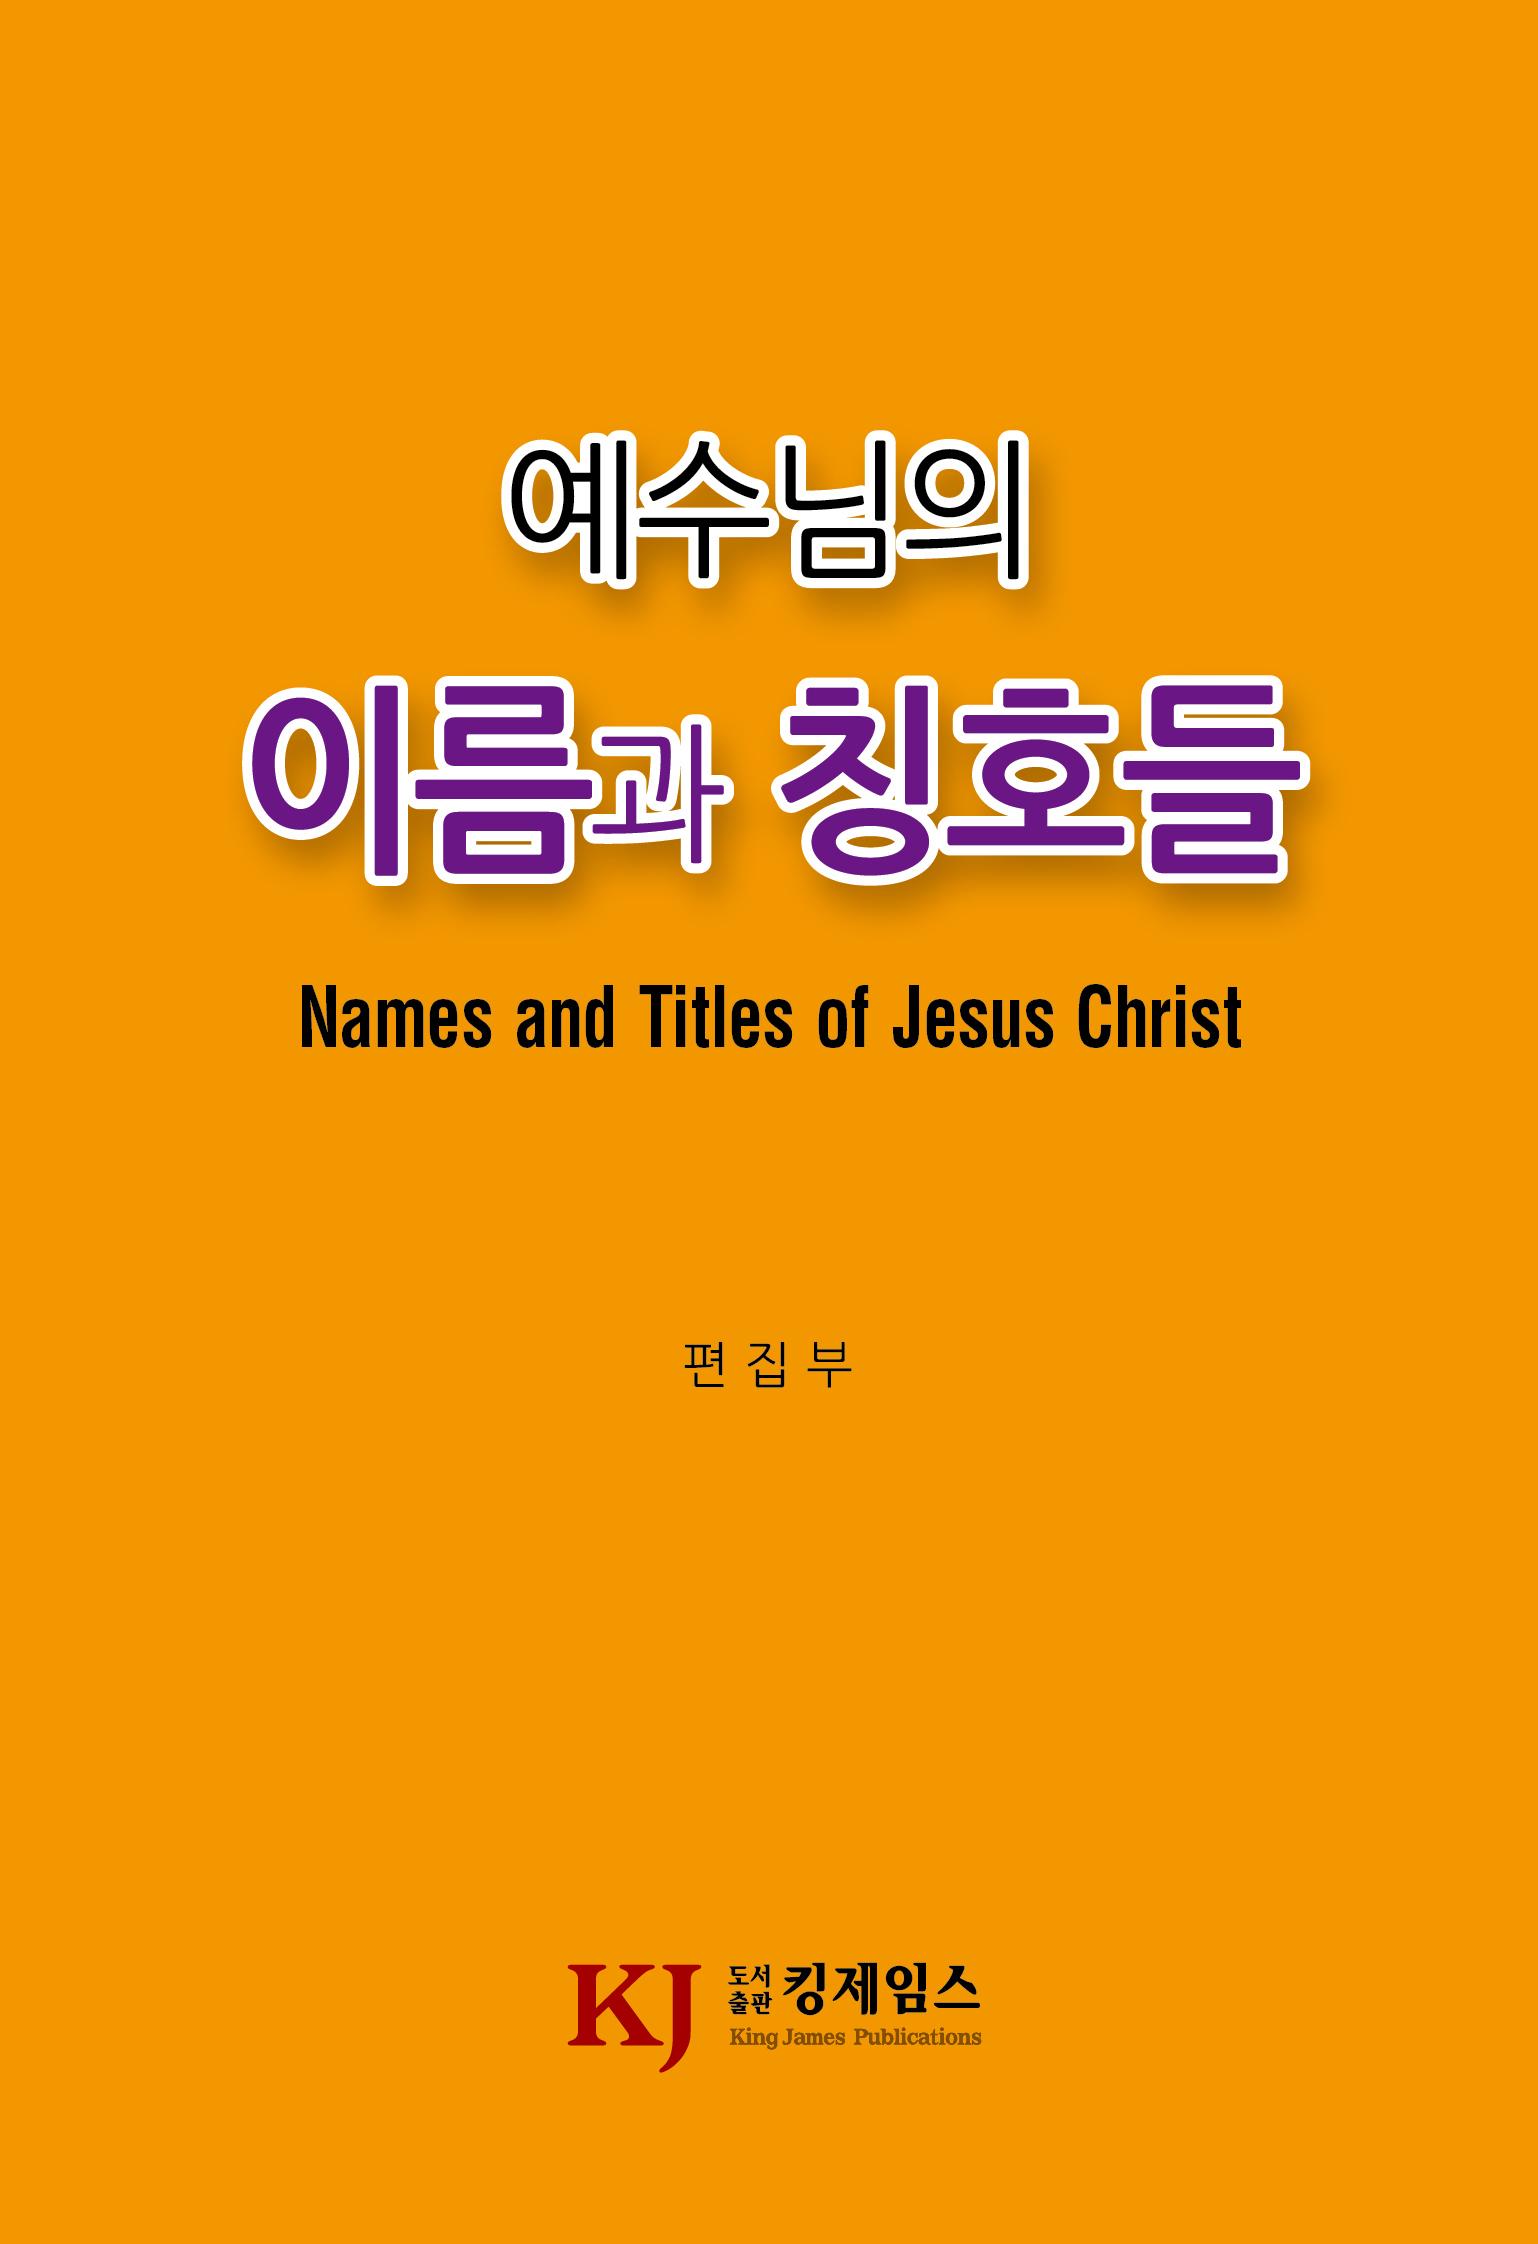 예수님의 이름과 칭호들-표지.jpg